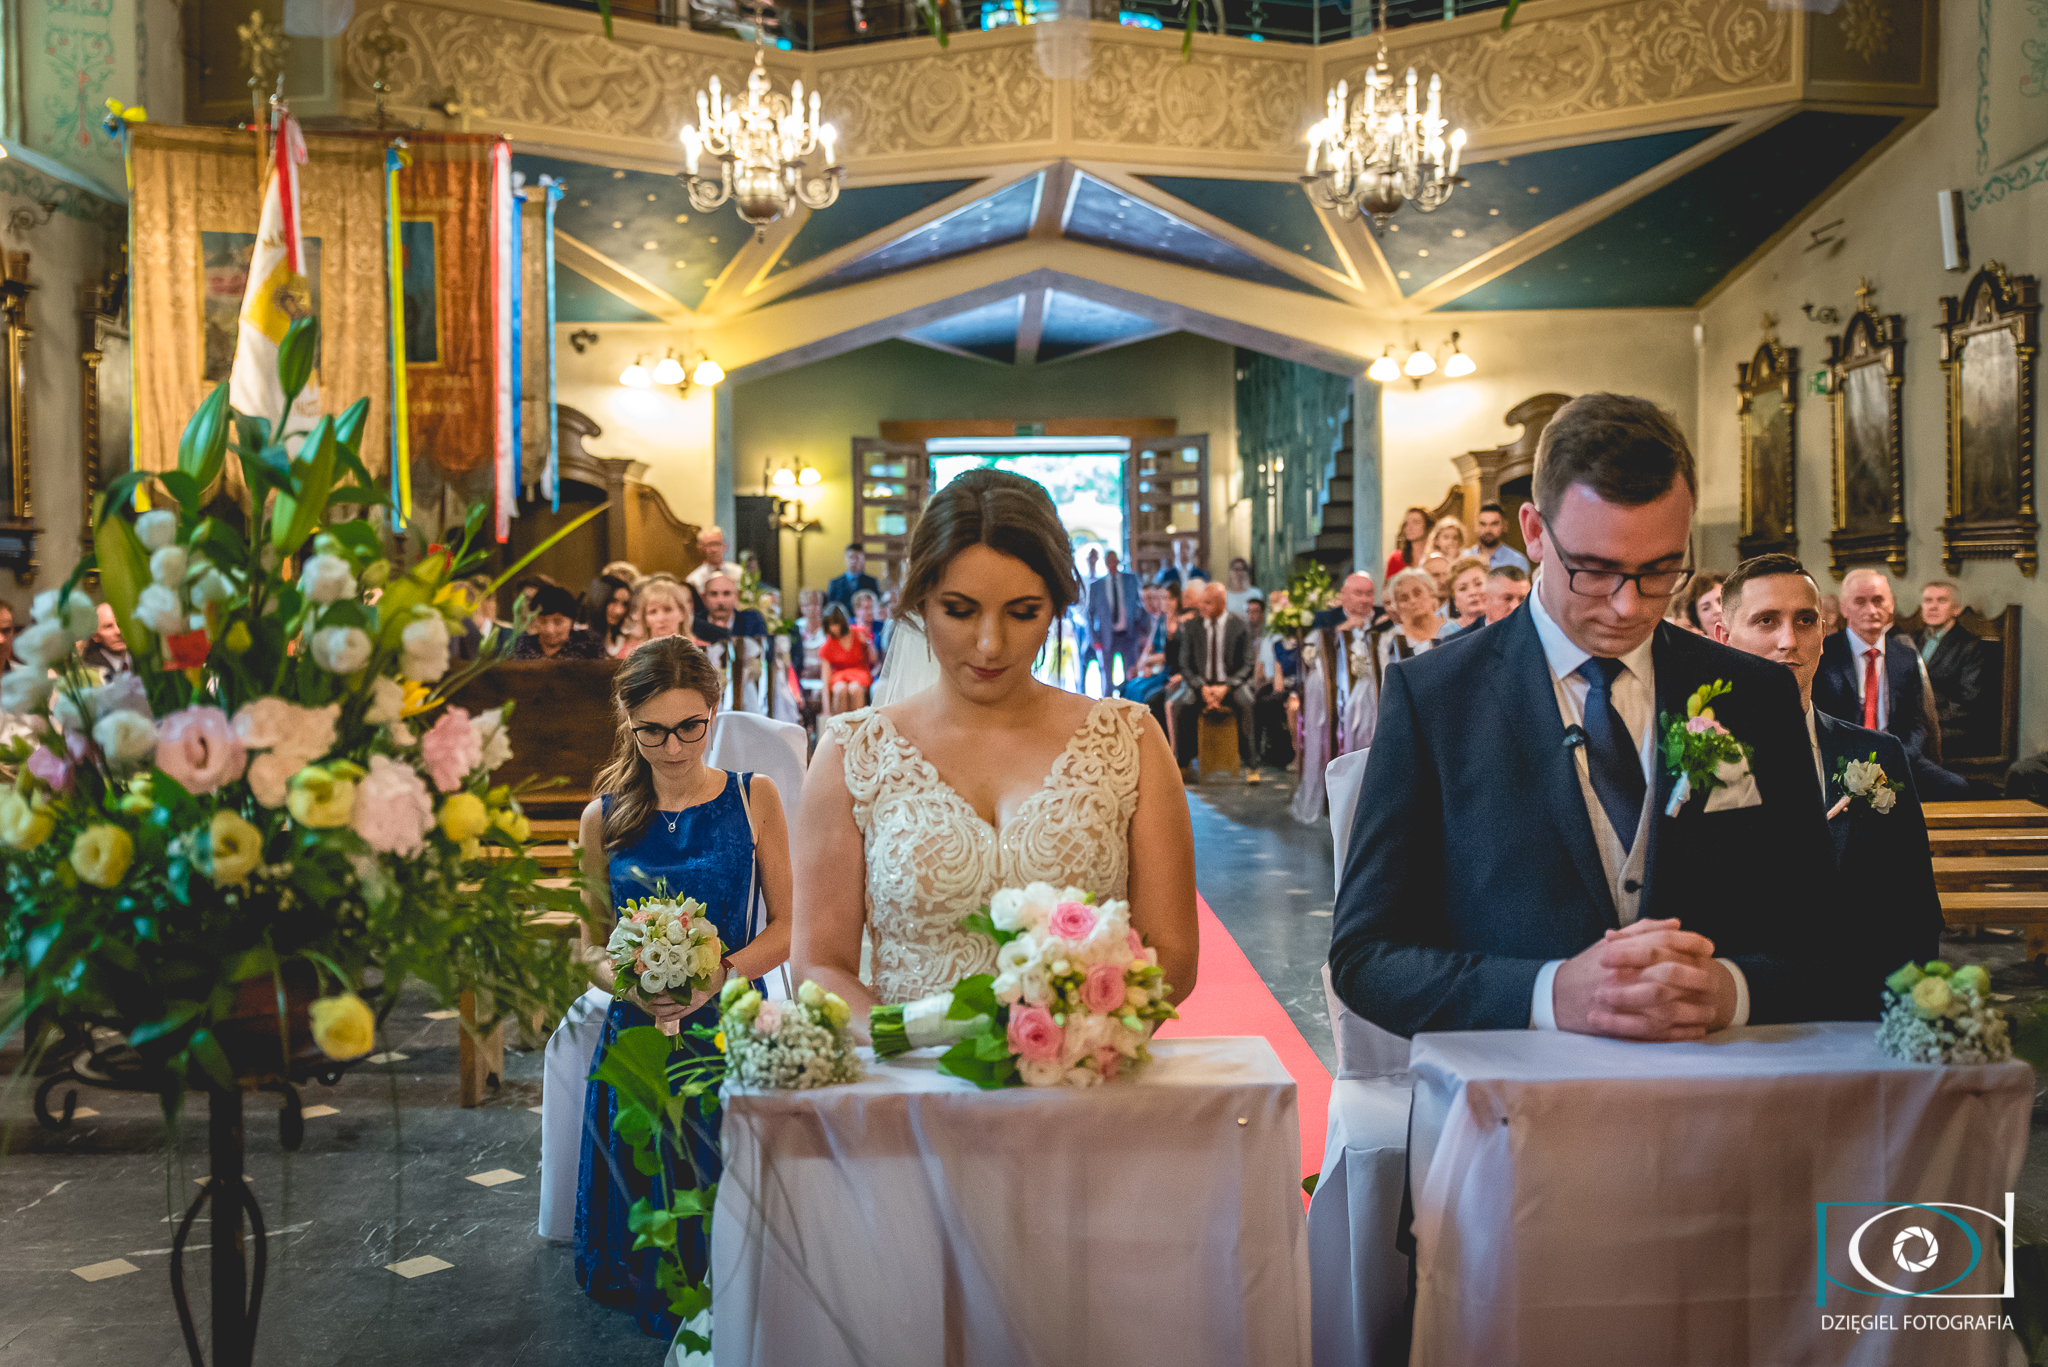 modlitwa w kościele ślub